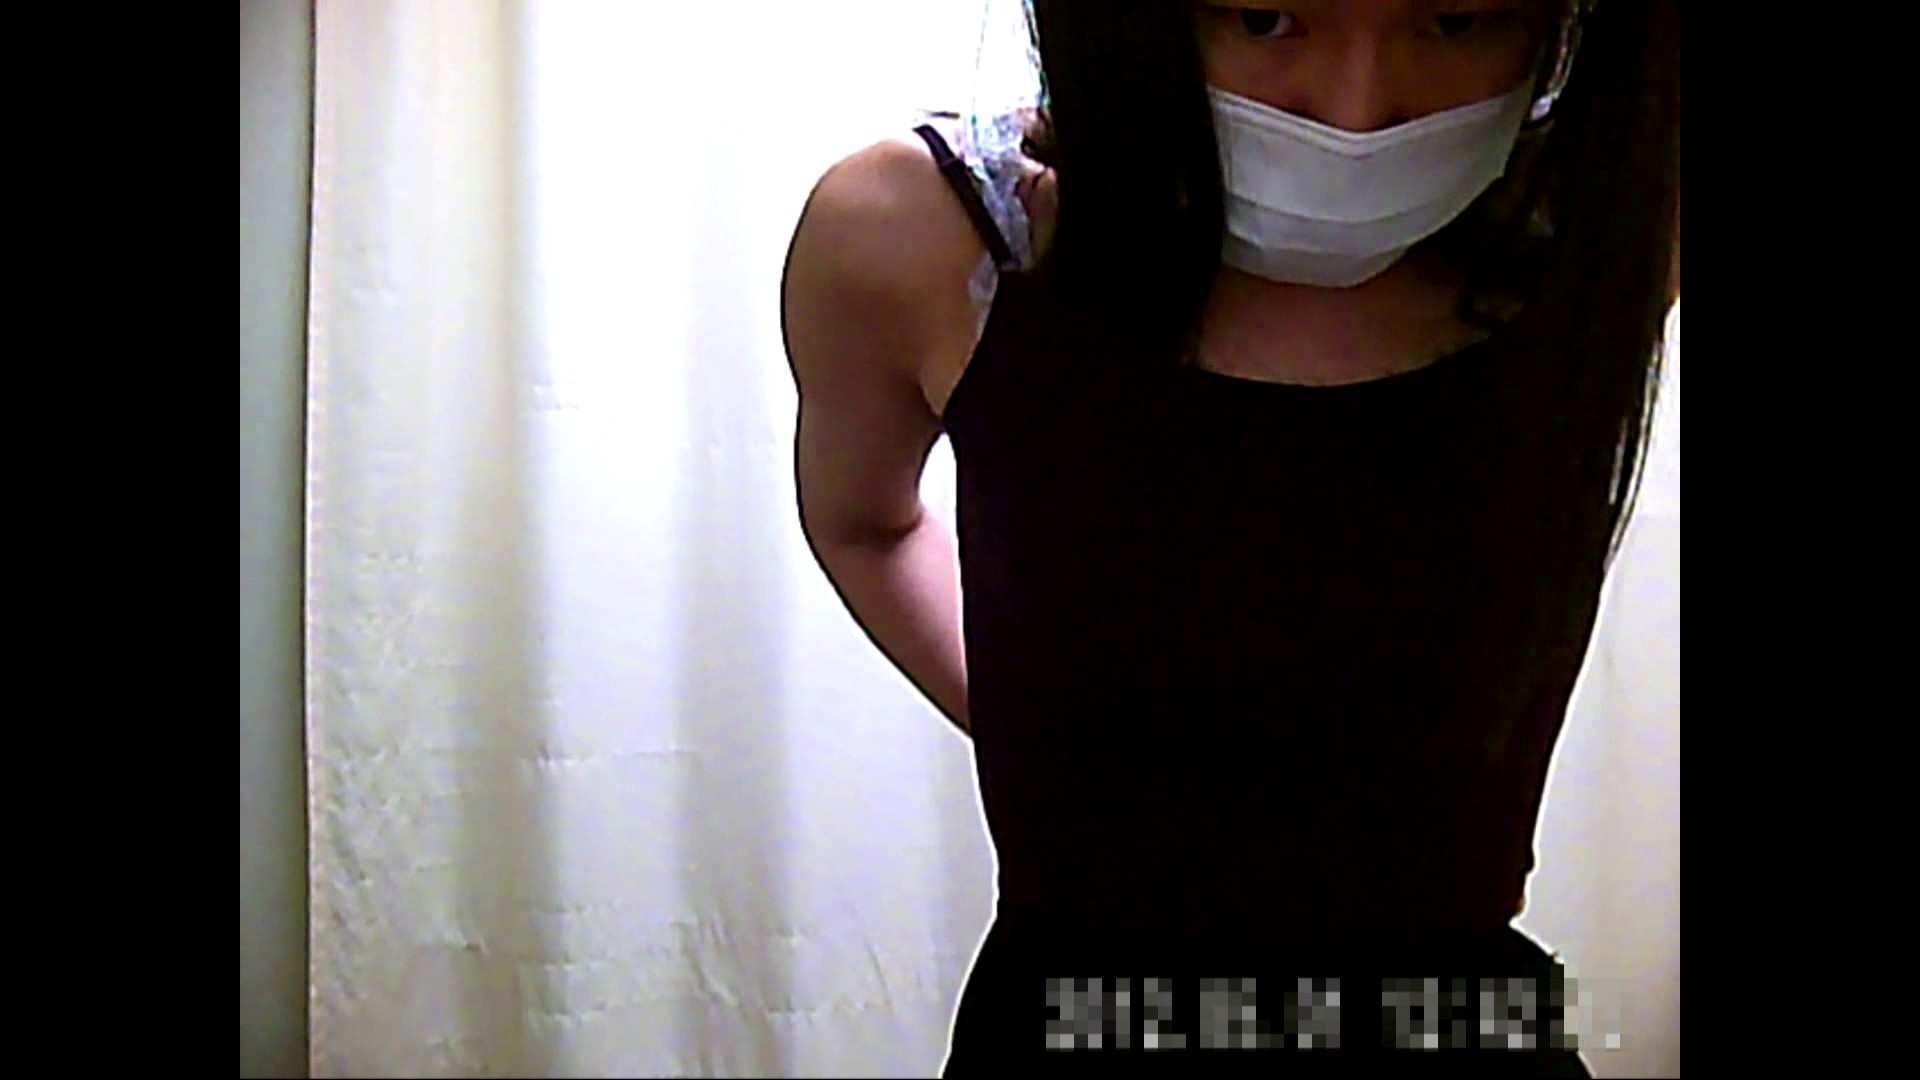 元医者による反抗 更衣室地獄絵巻 vol.004 エッチすぎるOL達  62連発 12